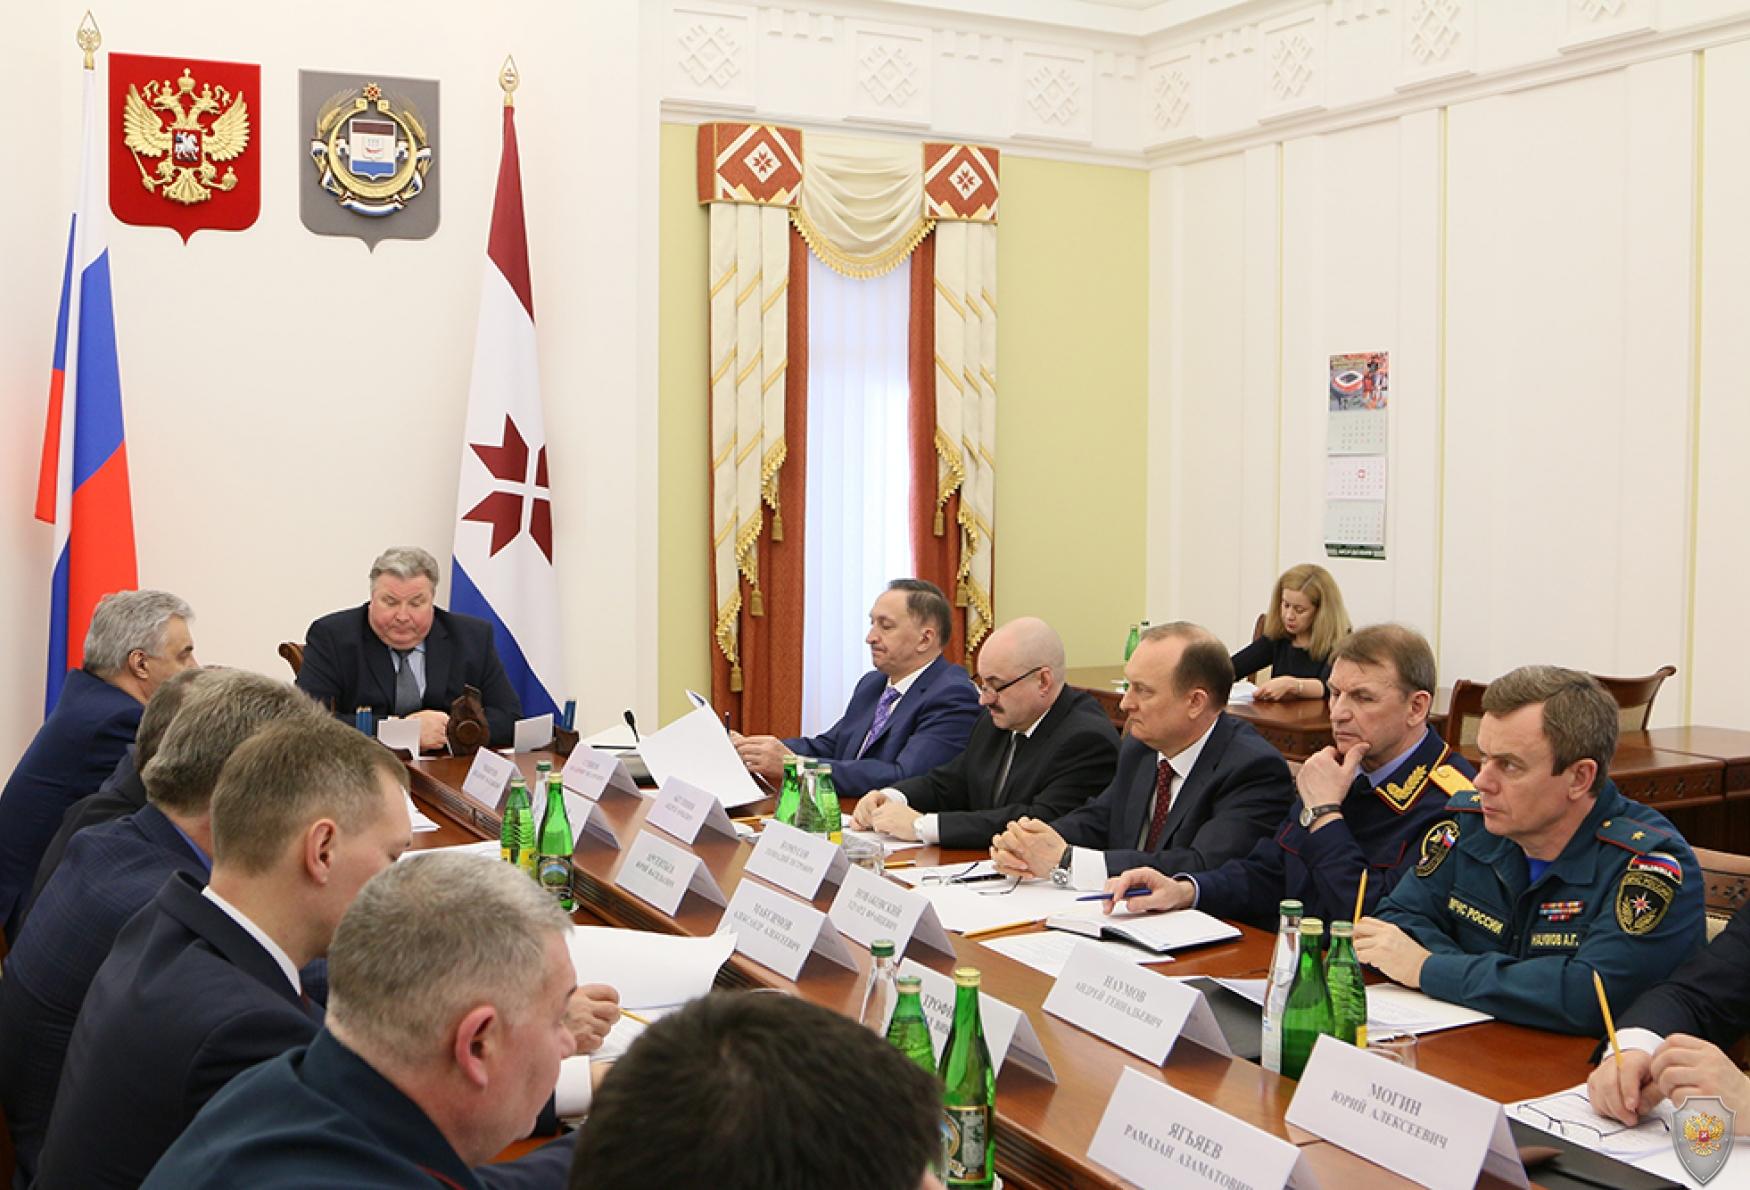 Глава Республики Мордовия В.Д. Волков открывает заседание Антитеррористической комиссии Республики Мордовия